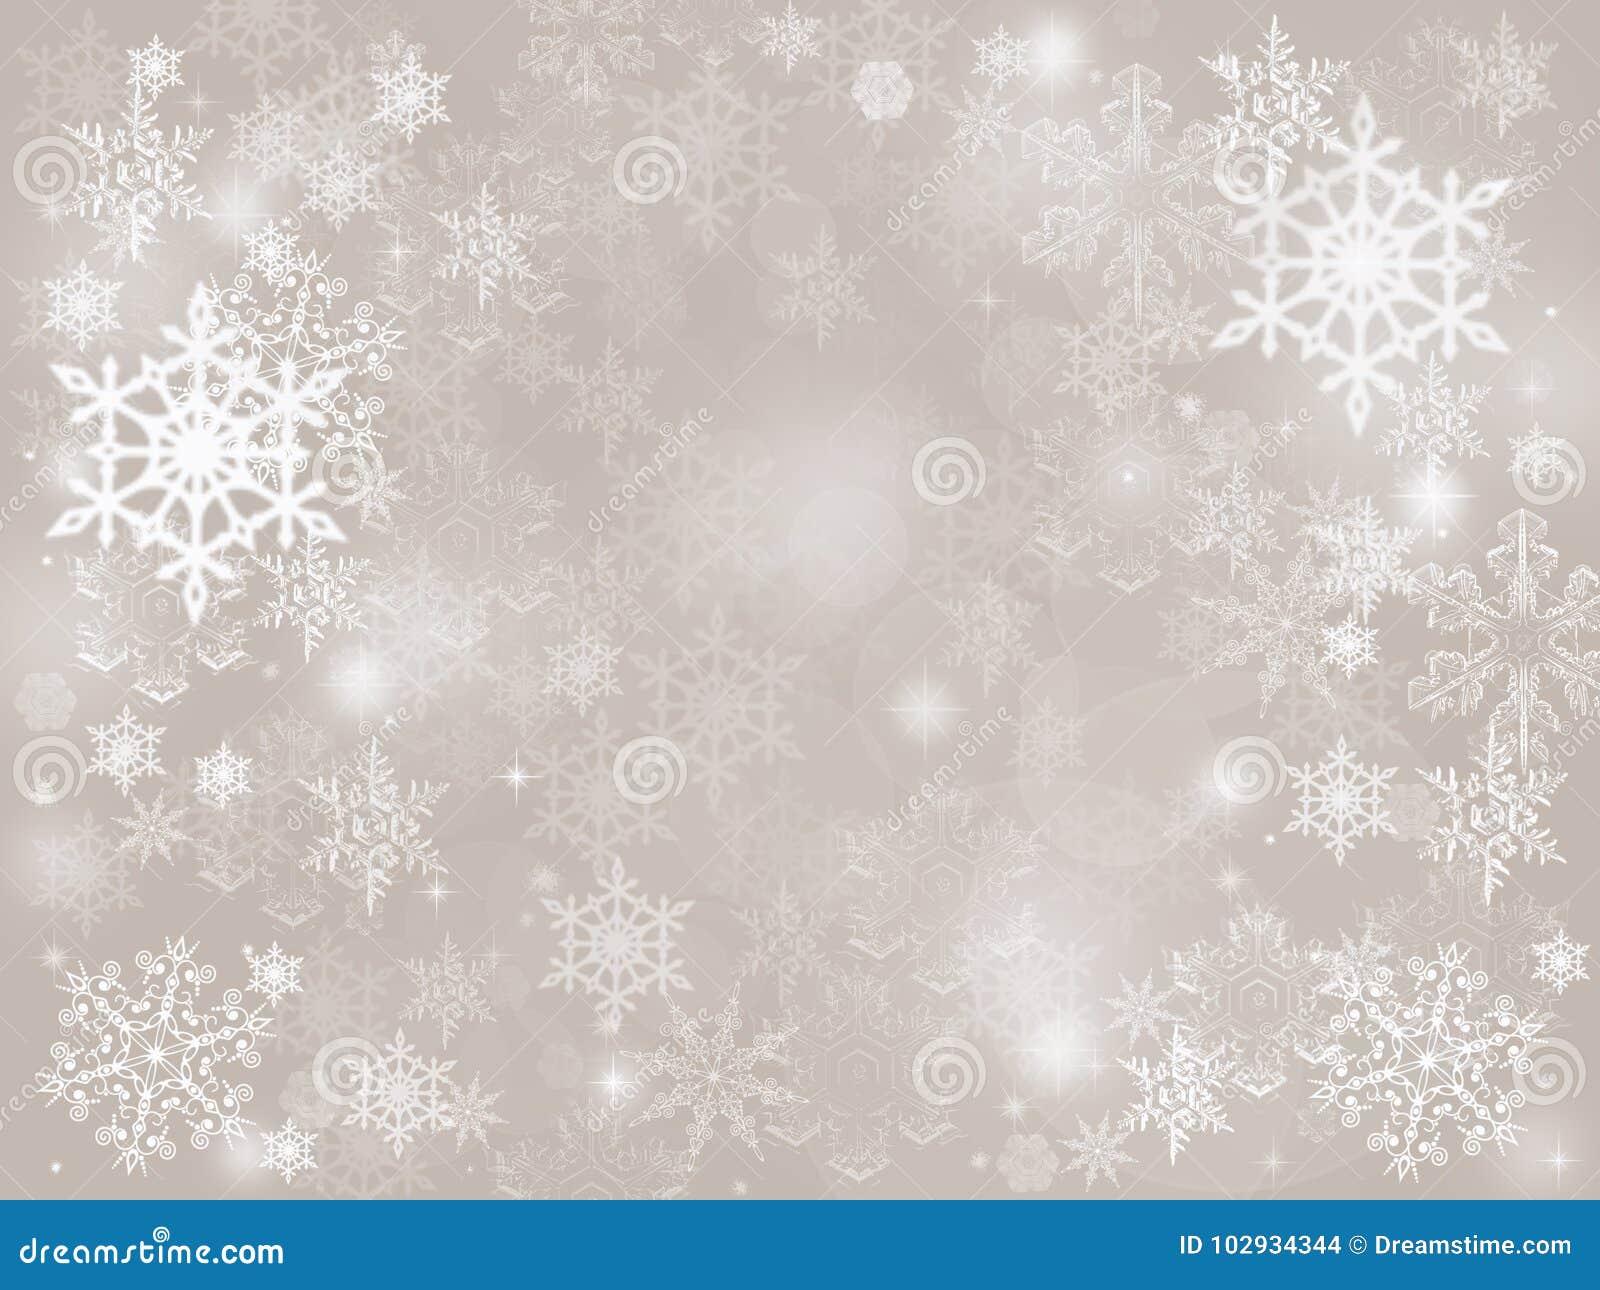 Ασημένιο αφηρημένο bokeh υπόβαθρο διακοπών χειμερινών Χριστουγέννων χιονιού μειωμένο